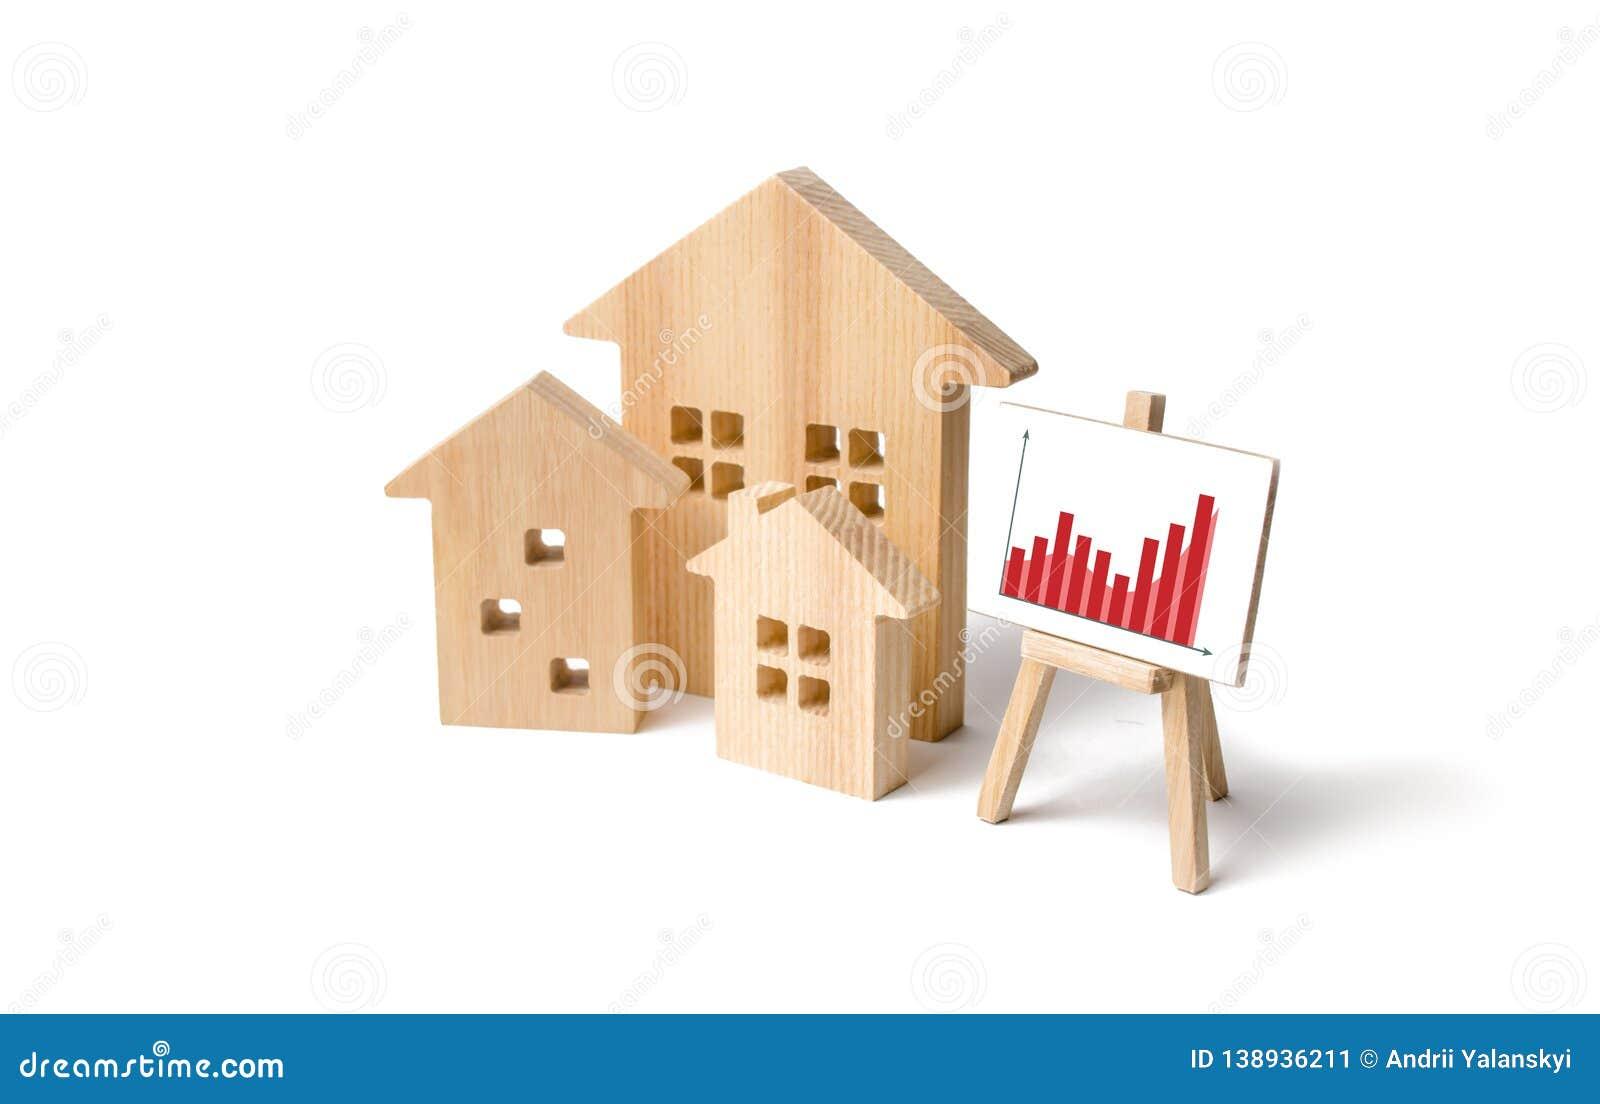 Casas de madera con un soporte de gráficos y de la información Demanda creciente para contener y las propiedades inmobiliarias Cr